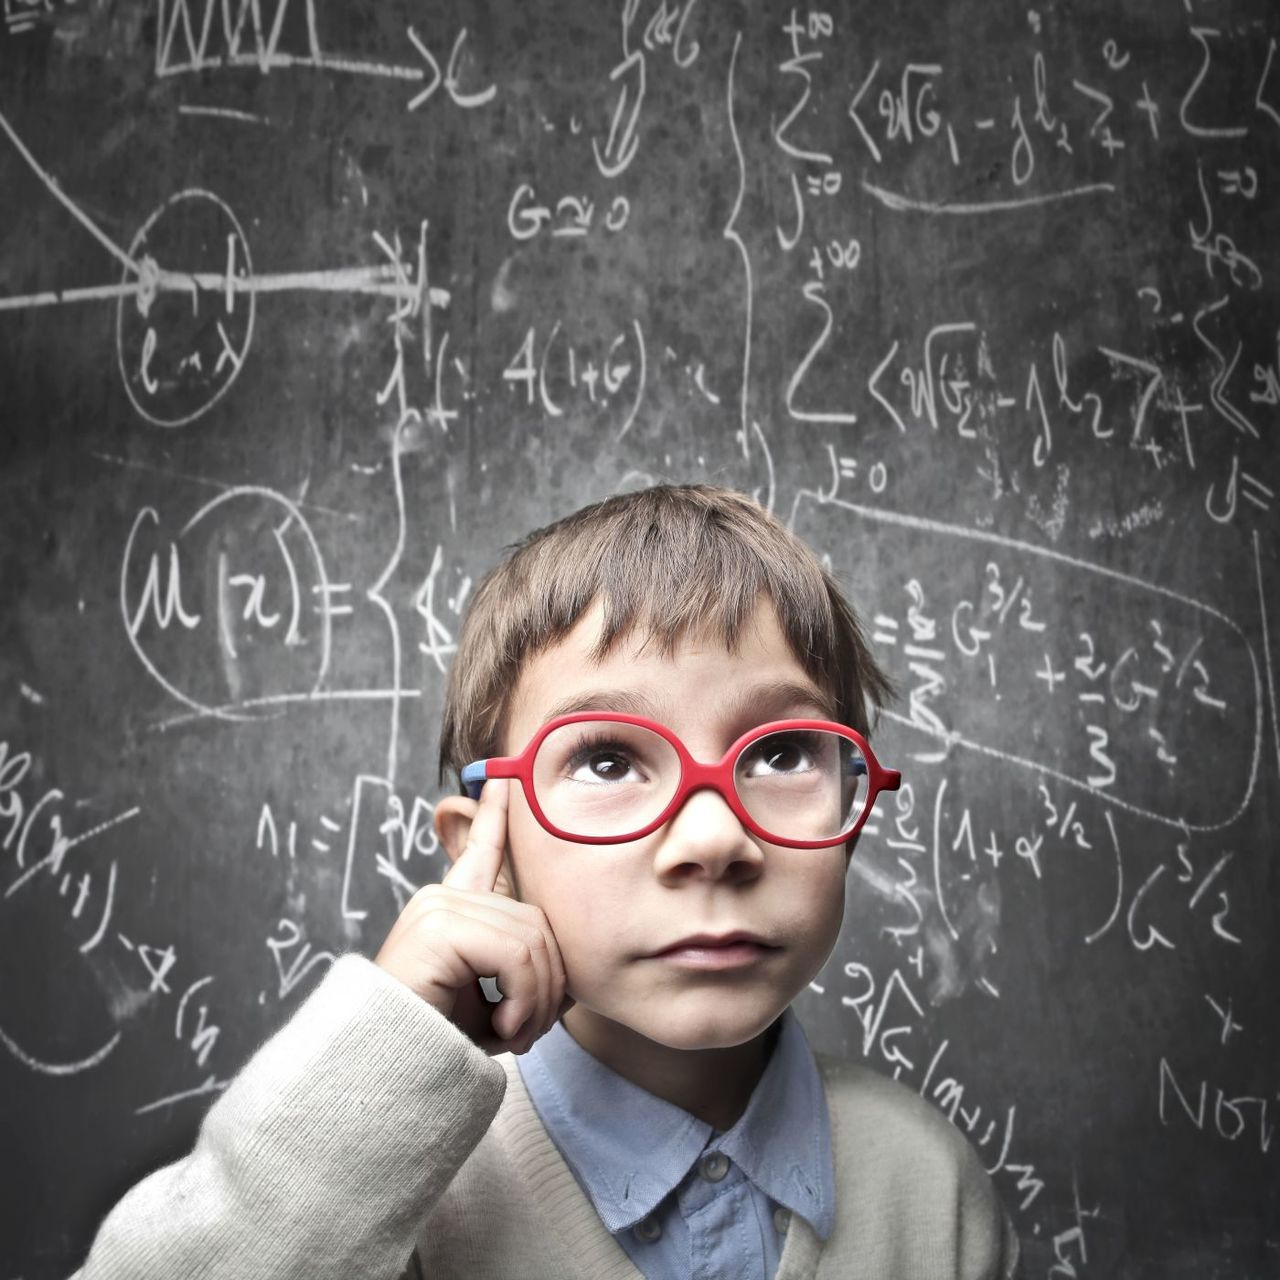 Интеллектуальные игры сделают изребенка гения— ученые